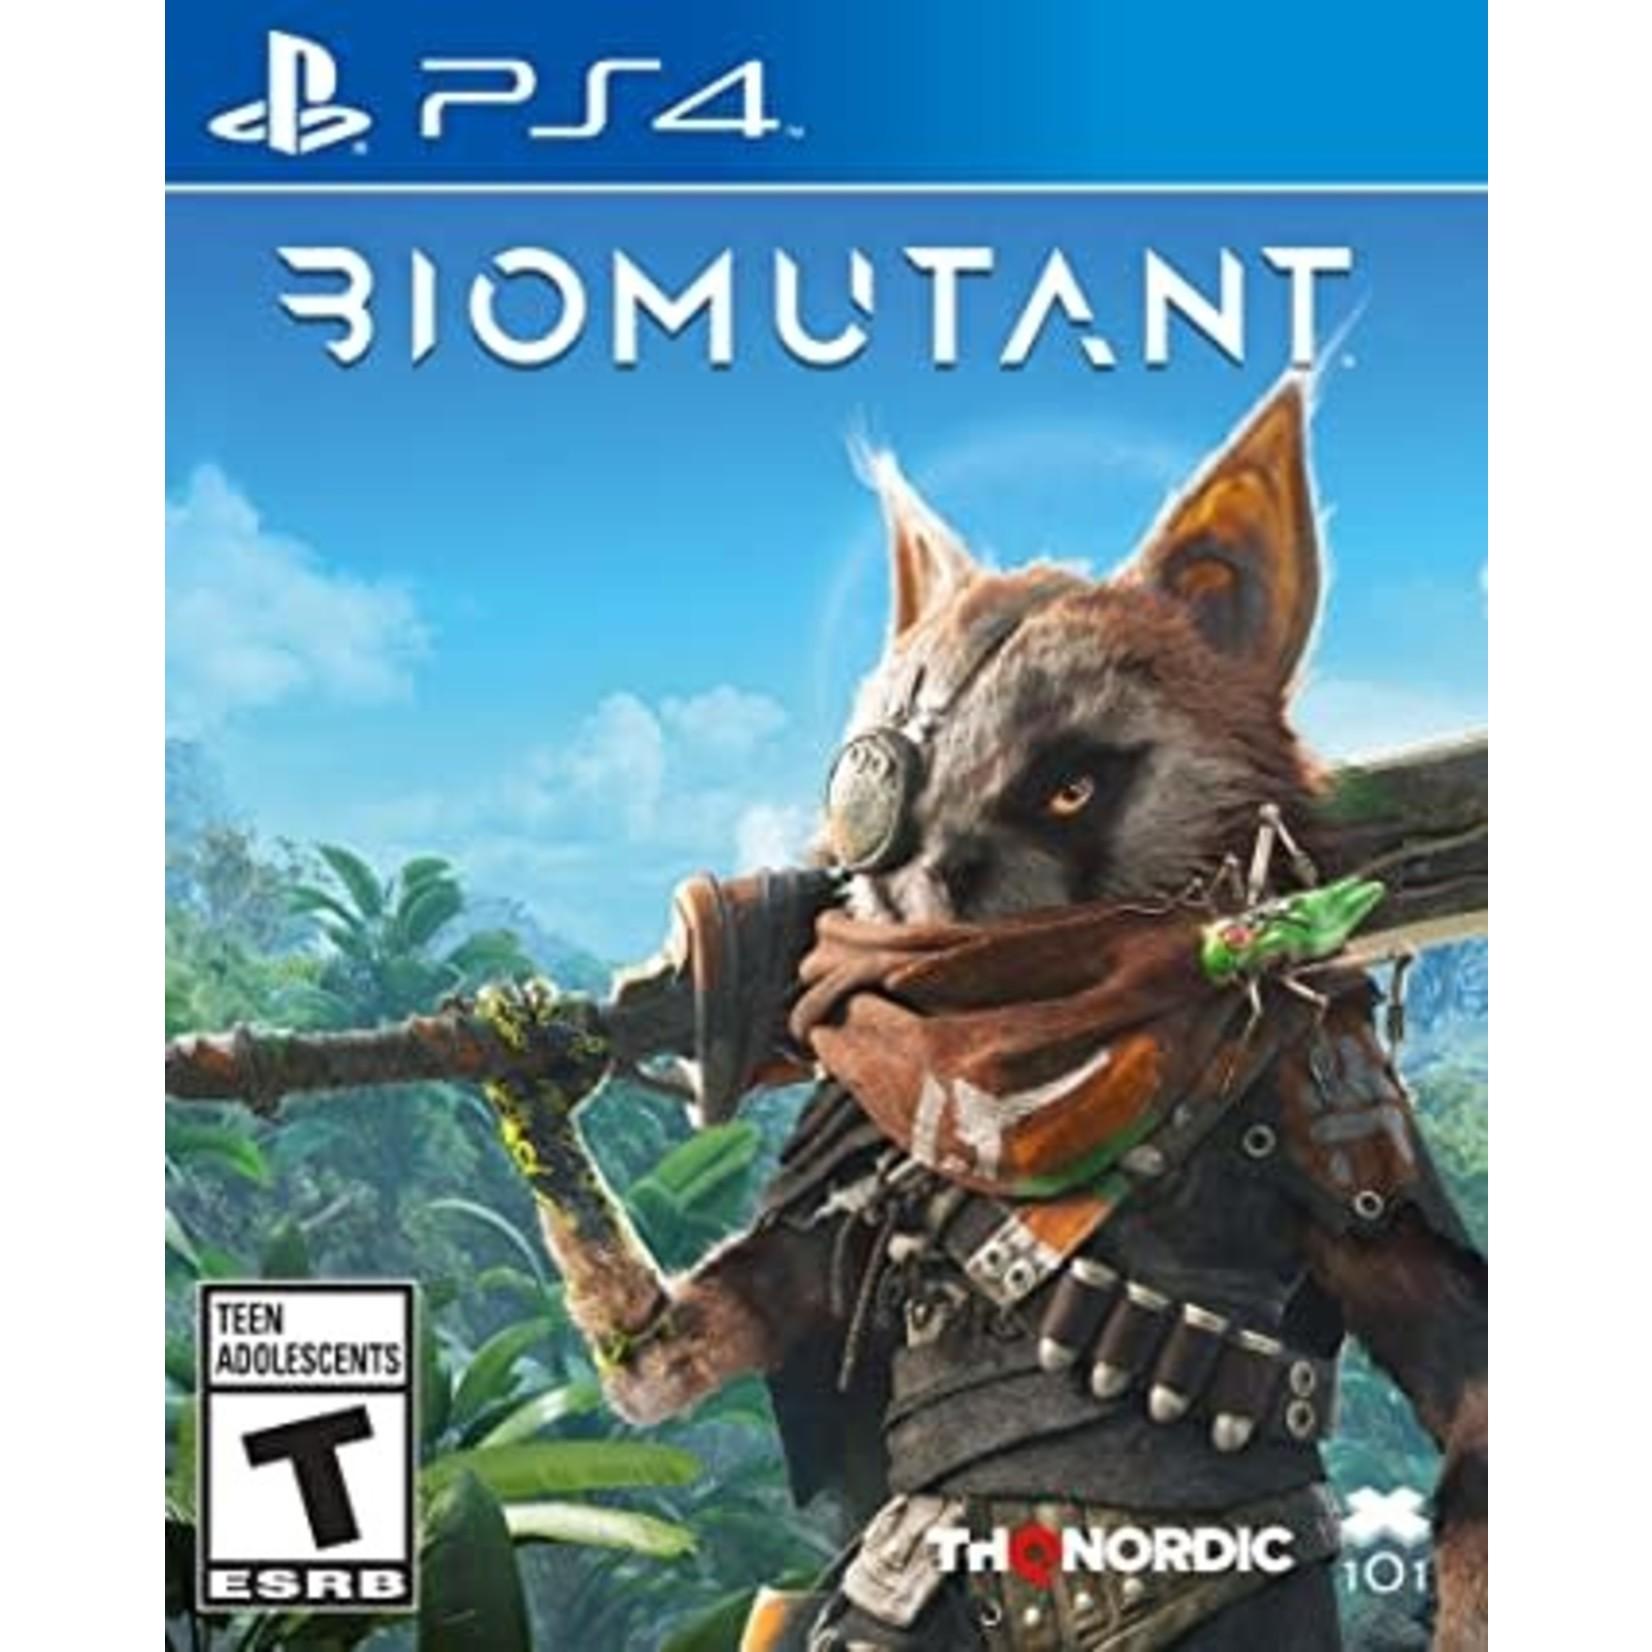 PS4-Biomutant